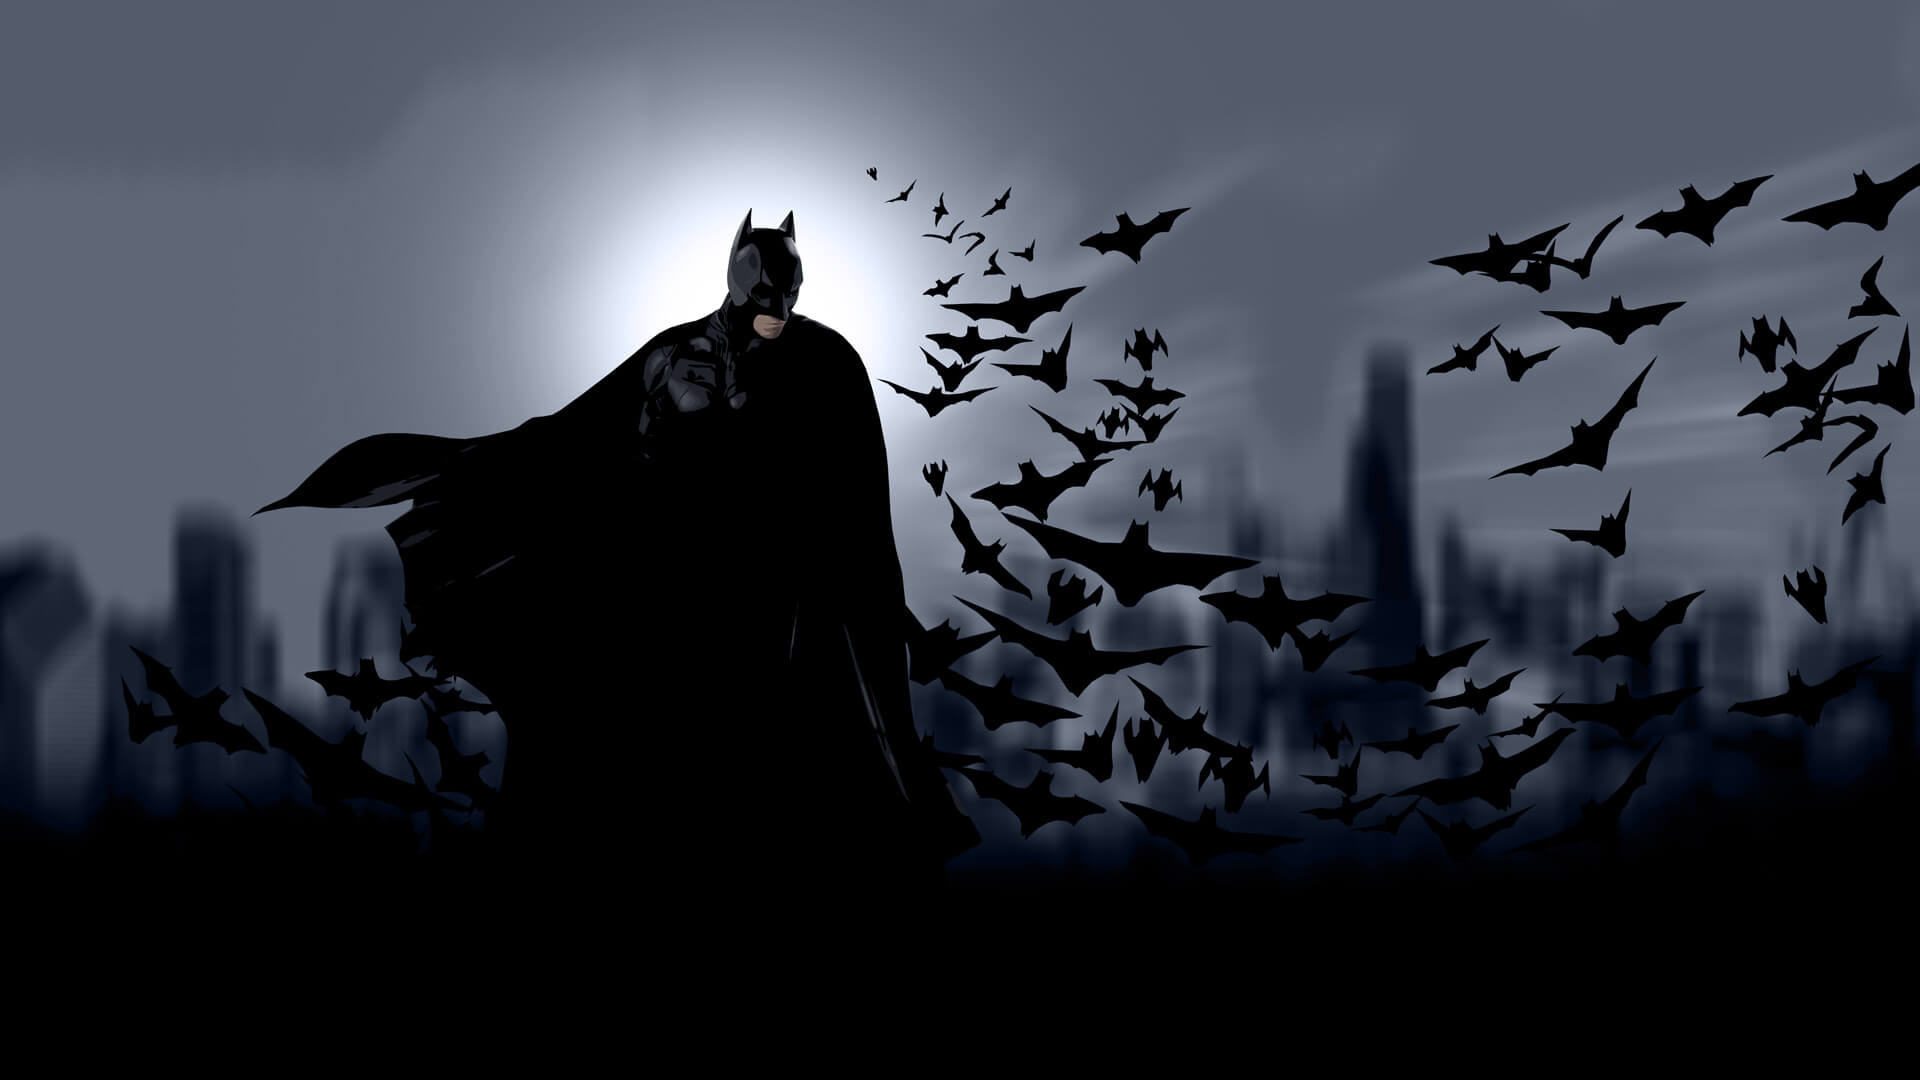 1920x1080 0 Batman Wallpapers HD For Background Wallpaper Logo Beyond Comic